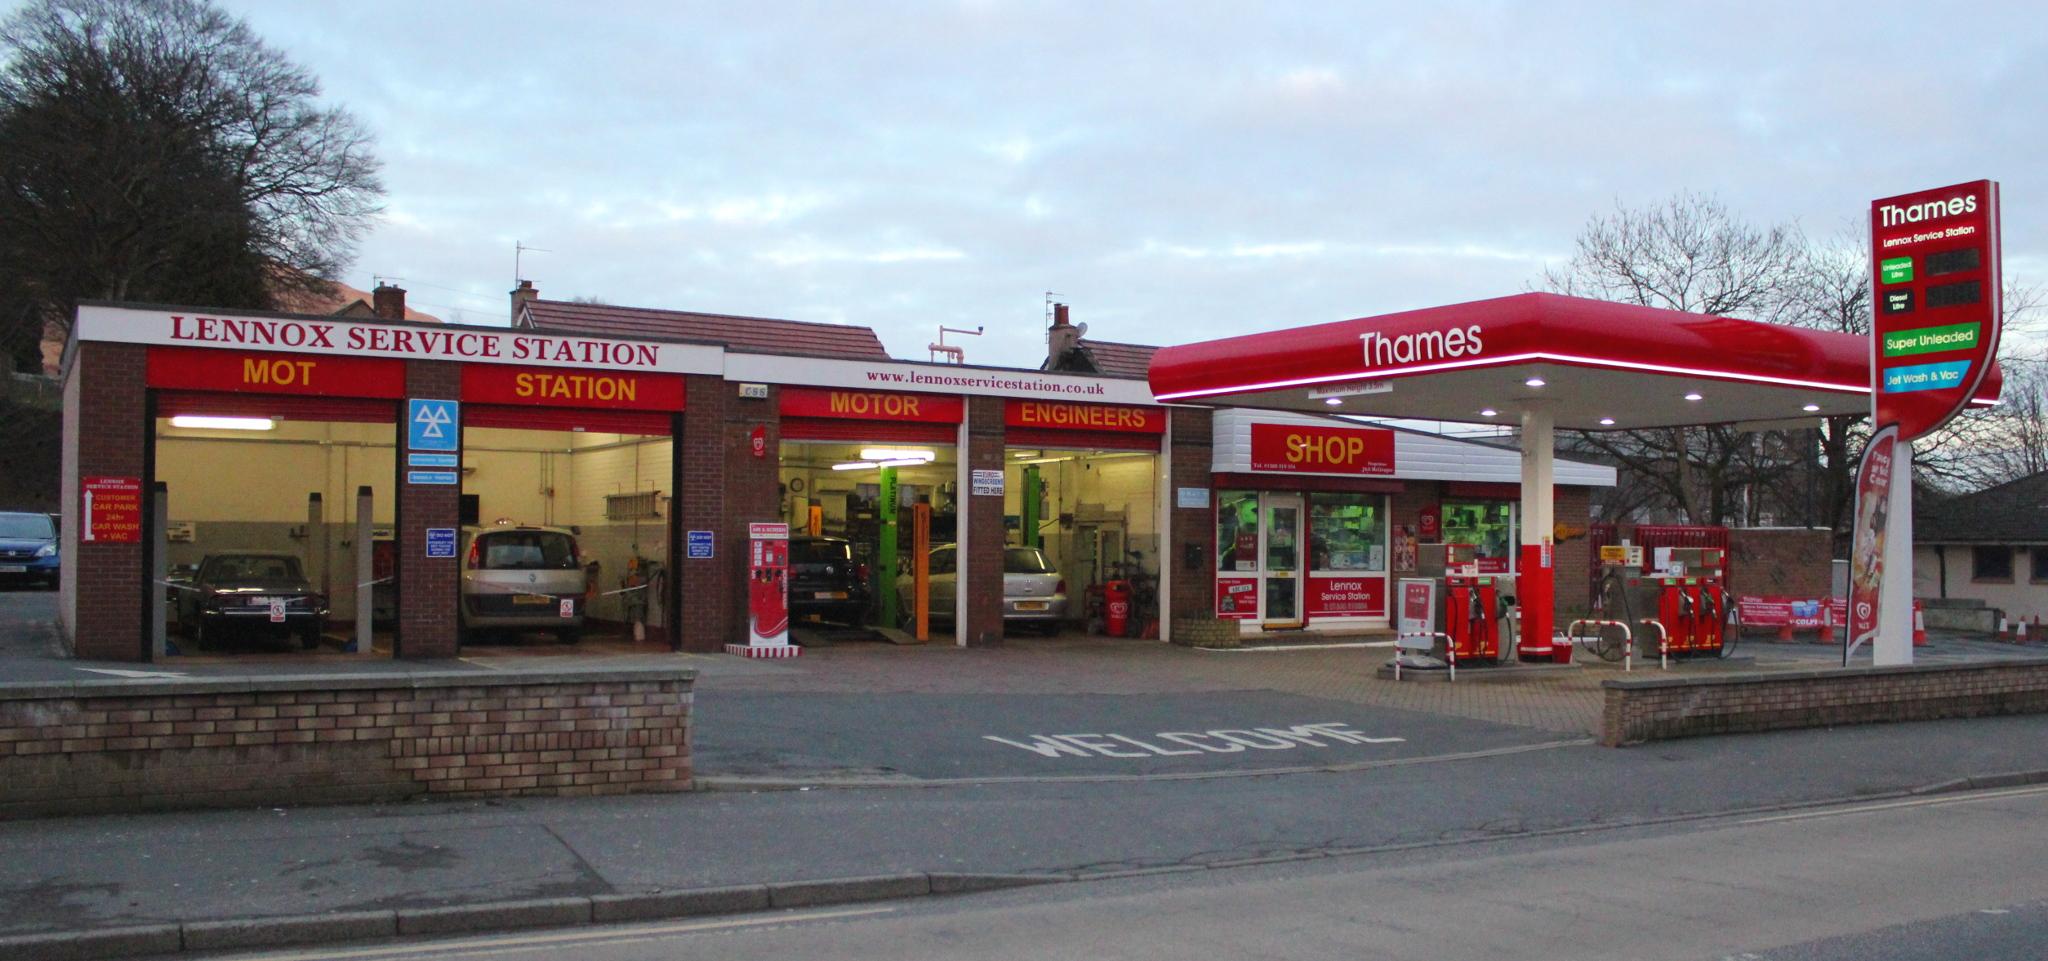 Lennox Service Station